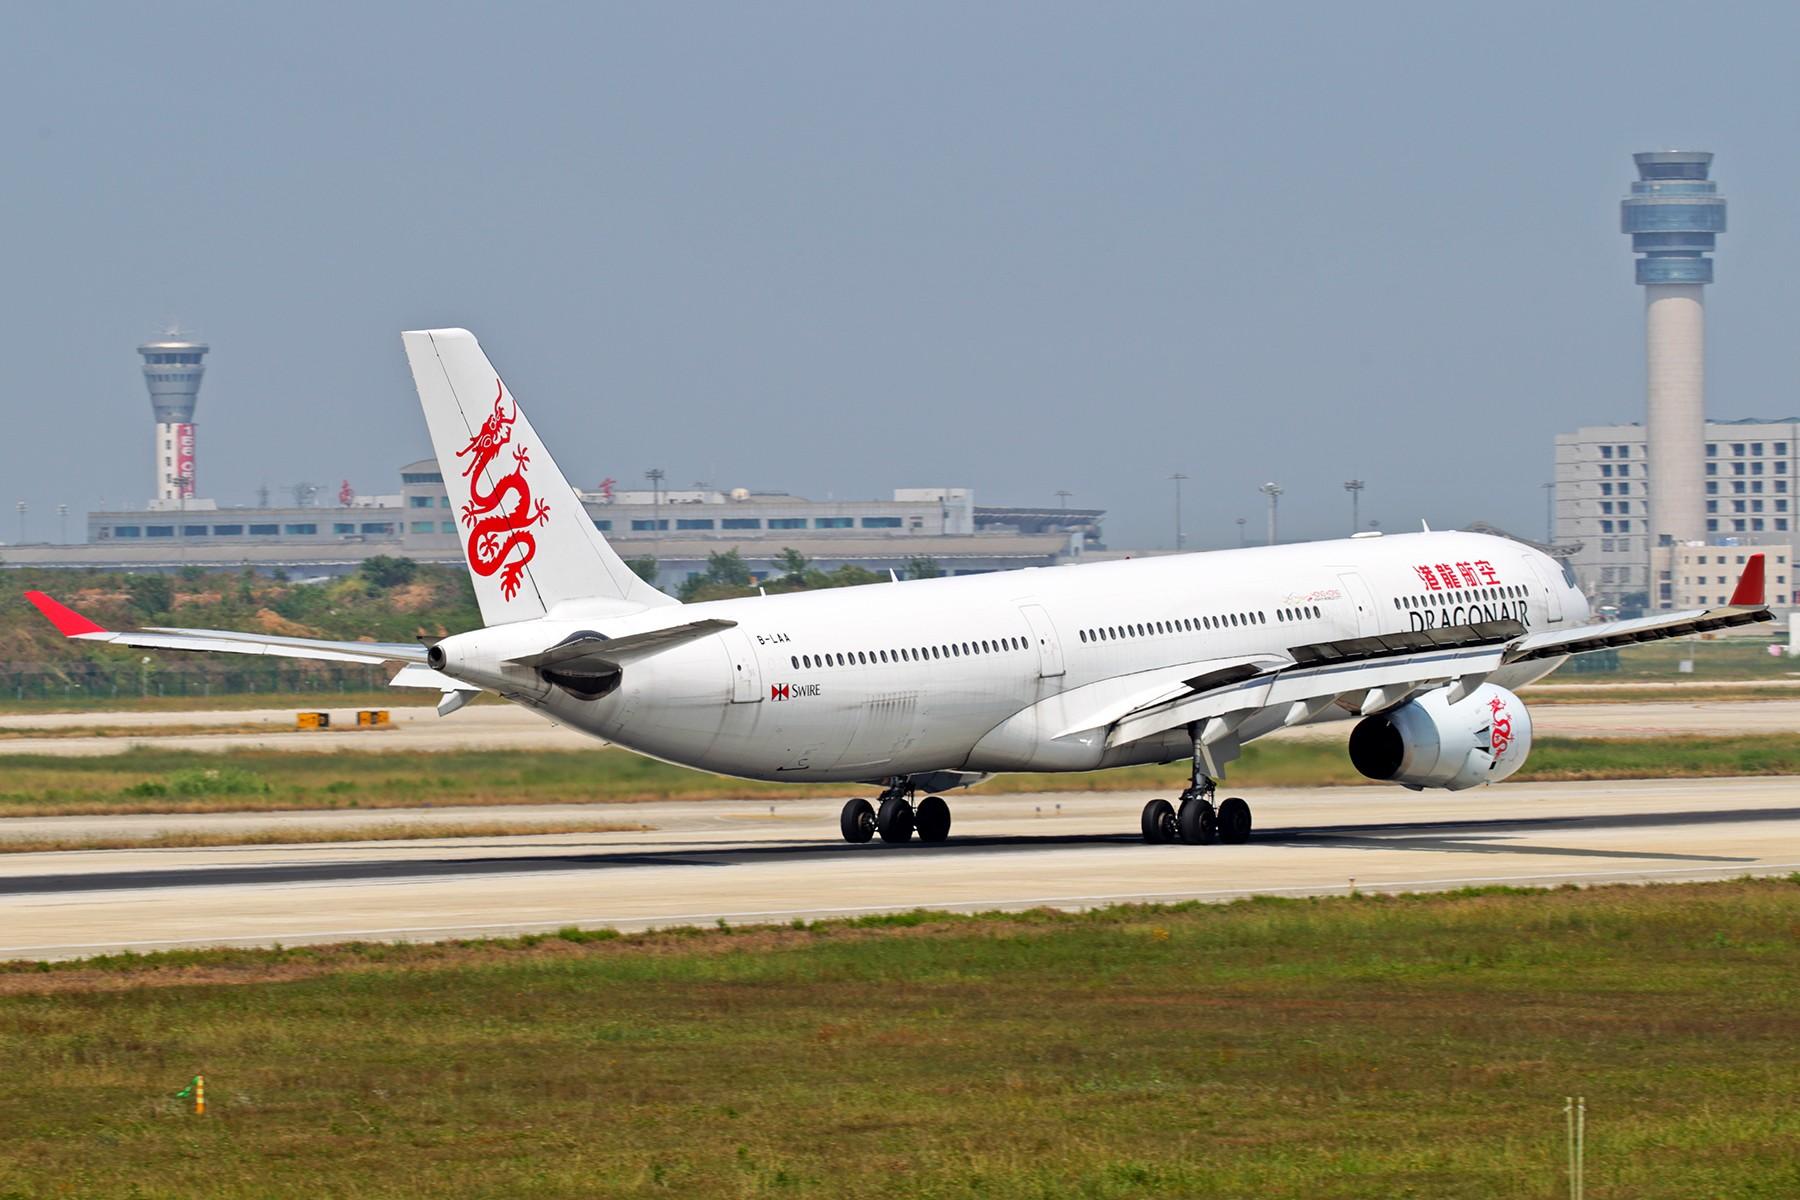 Re:[原创]【BLDDQ】******大嘴猴落地全套****** AIRBUS A330-300 B-LAA 中国南京禄口国际机场